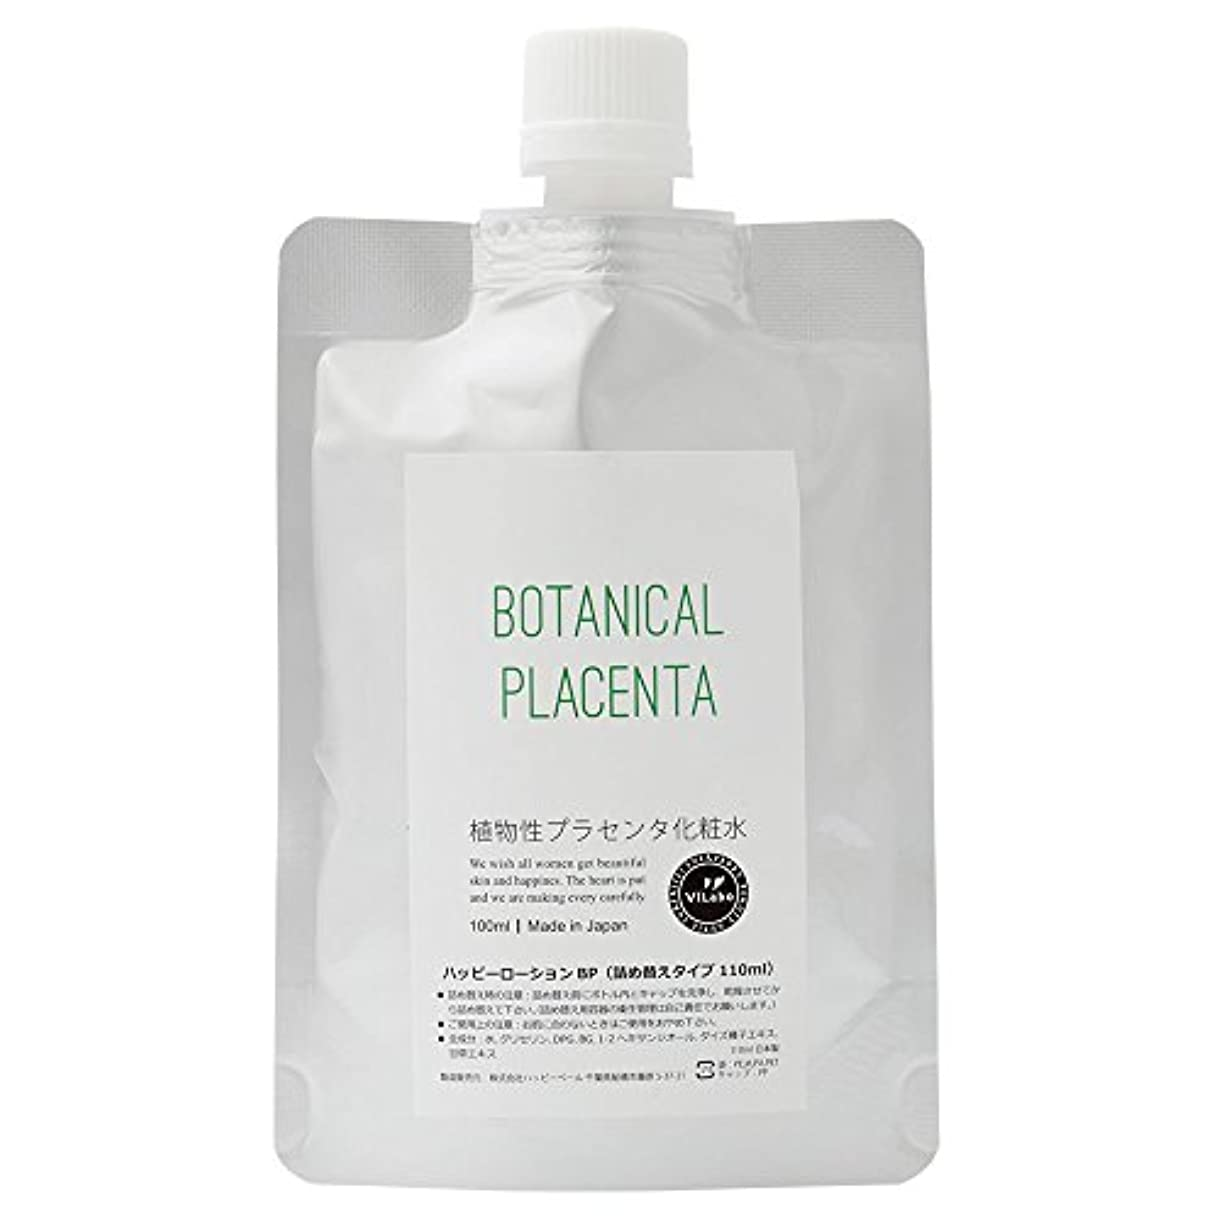 叙情的なオーバーフロー肌寒いボタニカルプラセンタ化粧水-天然温泉水+高級美容成分の浸透型化粧水/品名:ハッピーローションBP ノンパラベン、アルコール、フェノキシエタノール、石油系合成界面活性剤無添加 (詰め替えパウチ110ml)